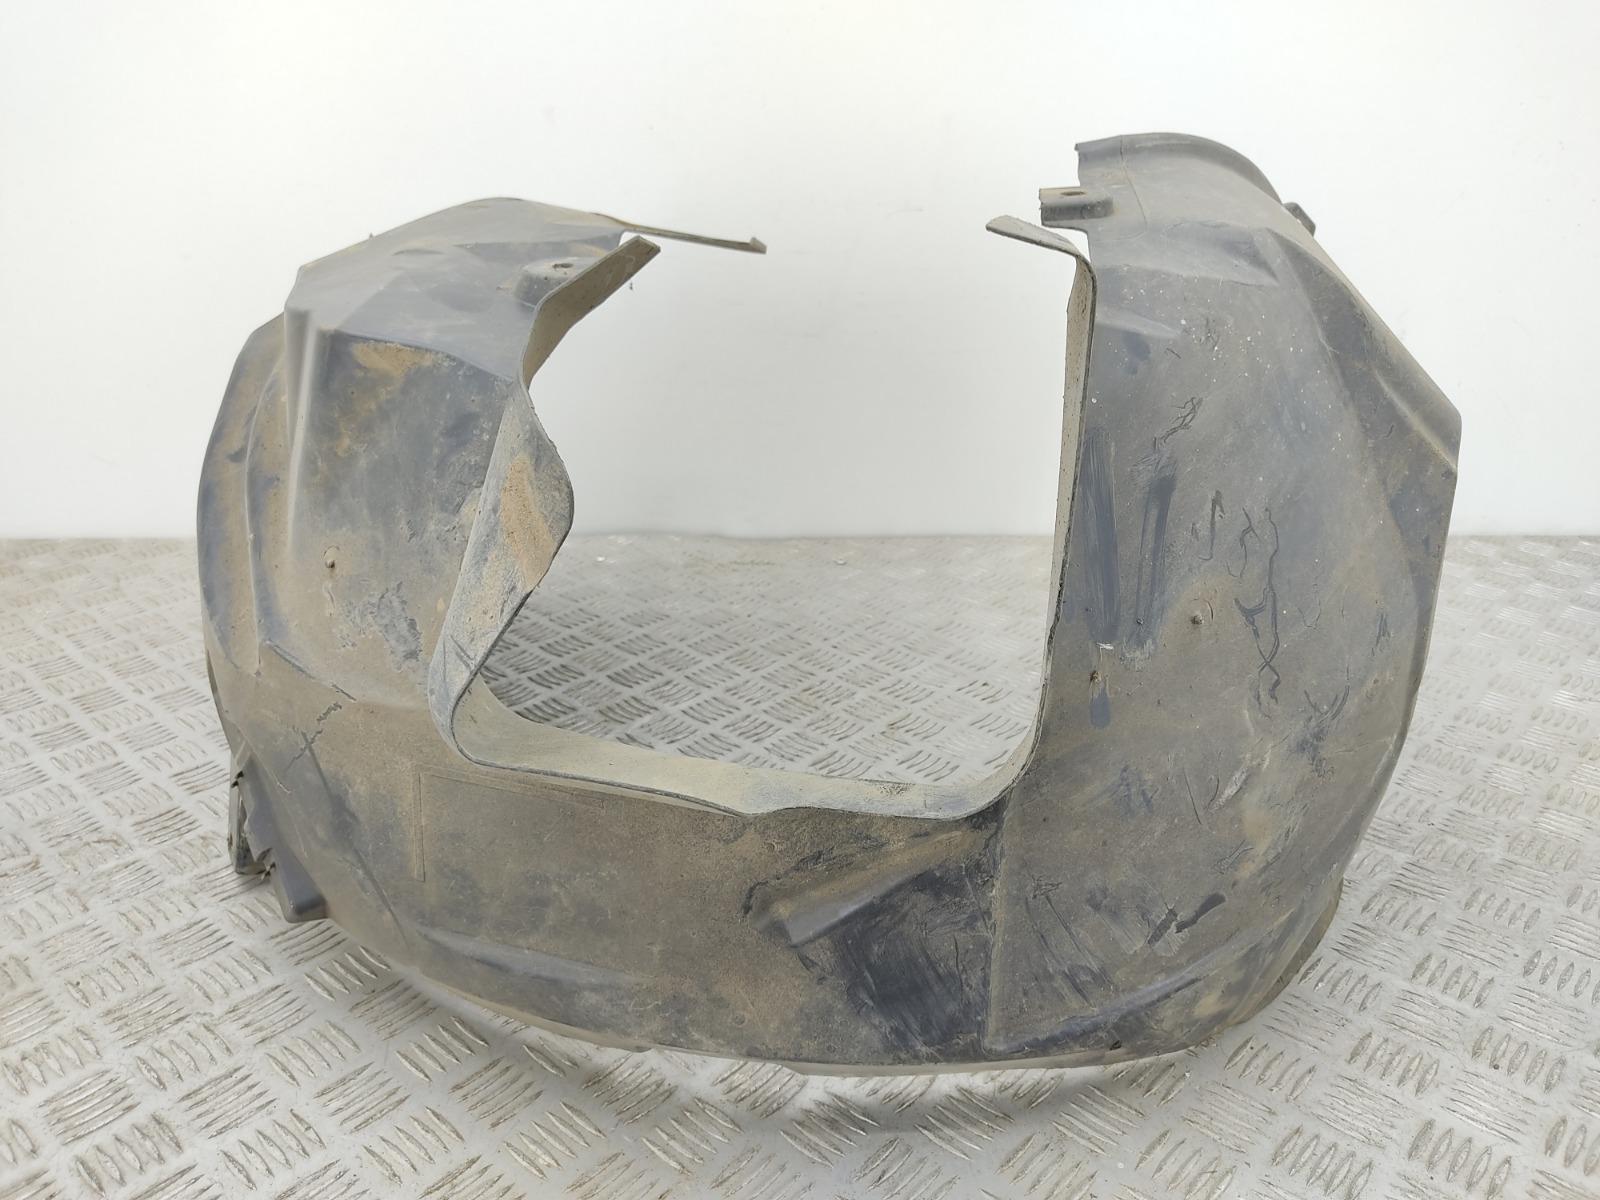 Защита арок передняя левая (подкрылок) Ford Mondeo 2.0 TDCI 2008 (б/у)